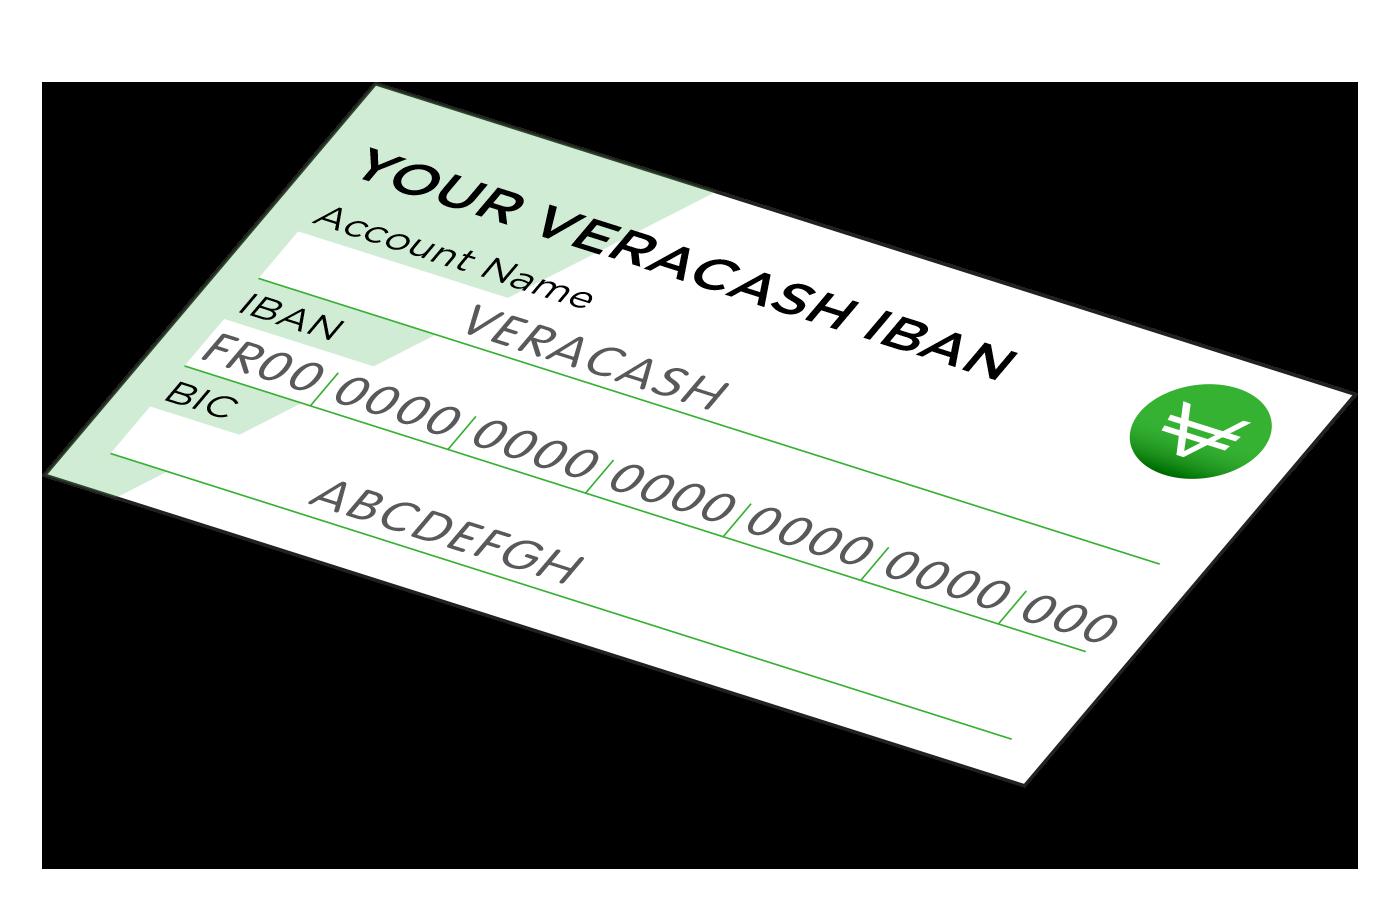 VeraCash IBAN